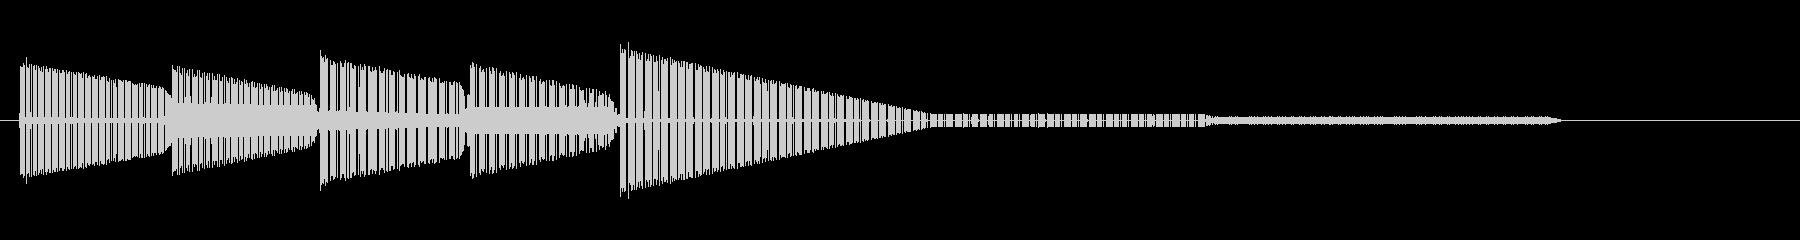 レトロゲーム風・ショックなジングル2の未再生の波形